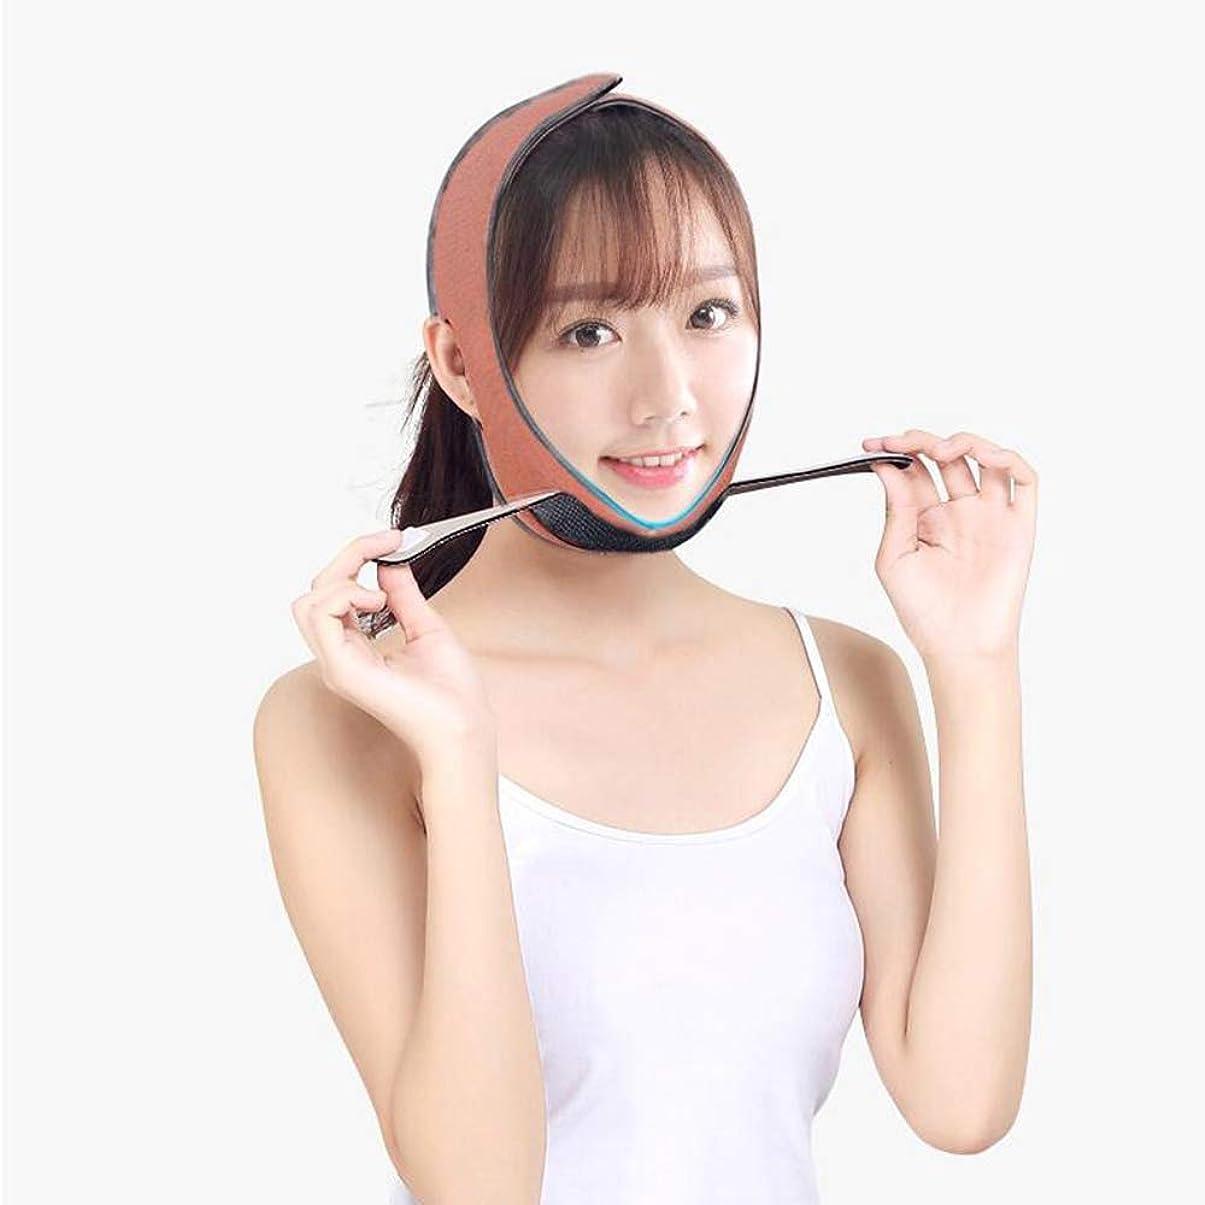 約設定大破割り当てますフェイシャルリフティングスリミングベルト - 薄いフェイス包帯Vフェイス包帯マスクフェイシャルマッサージャー無料整形マスク顔と首の顔を引き締めますスリム